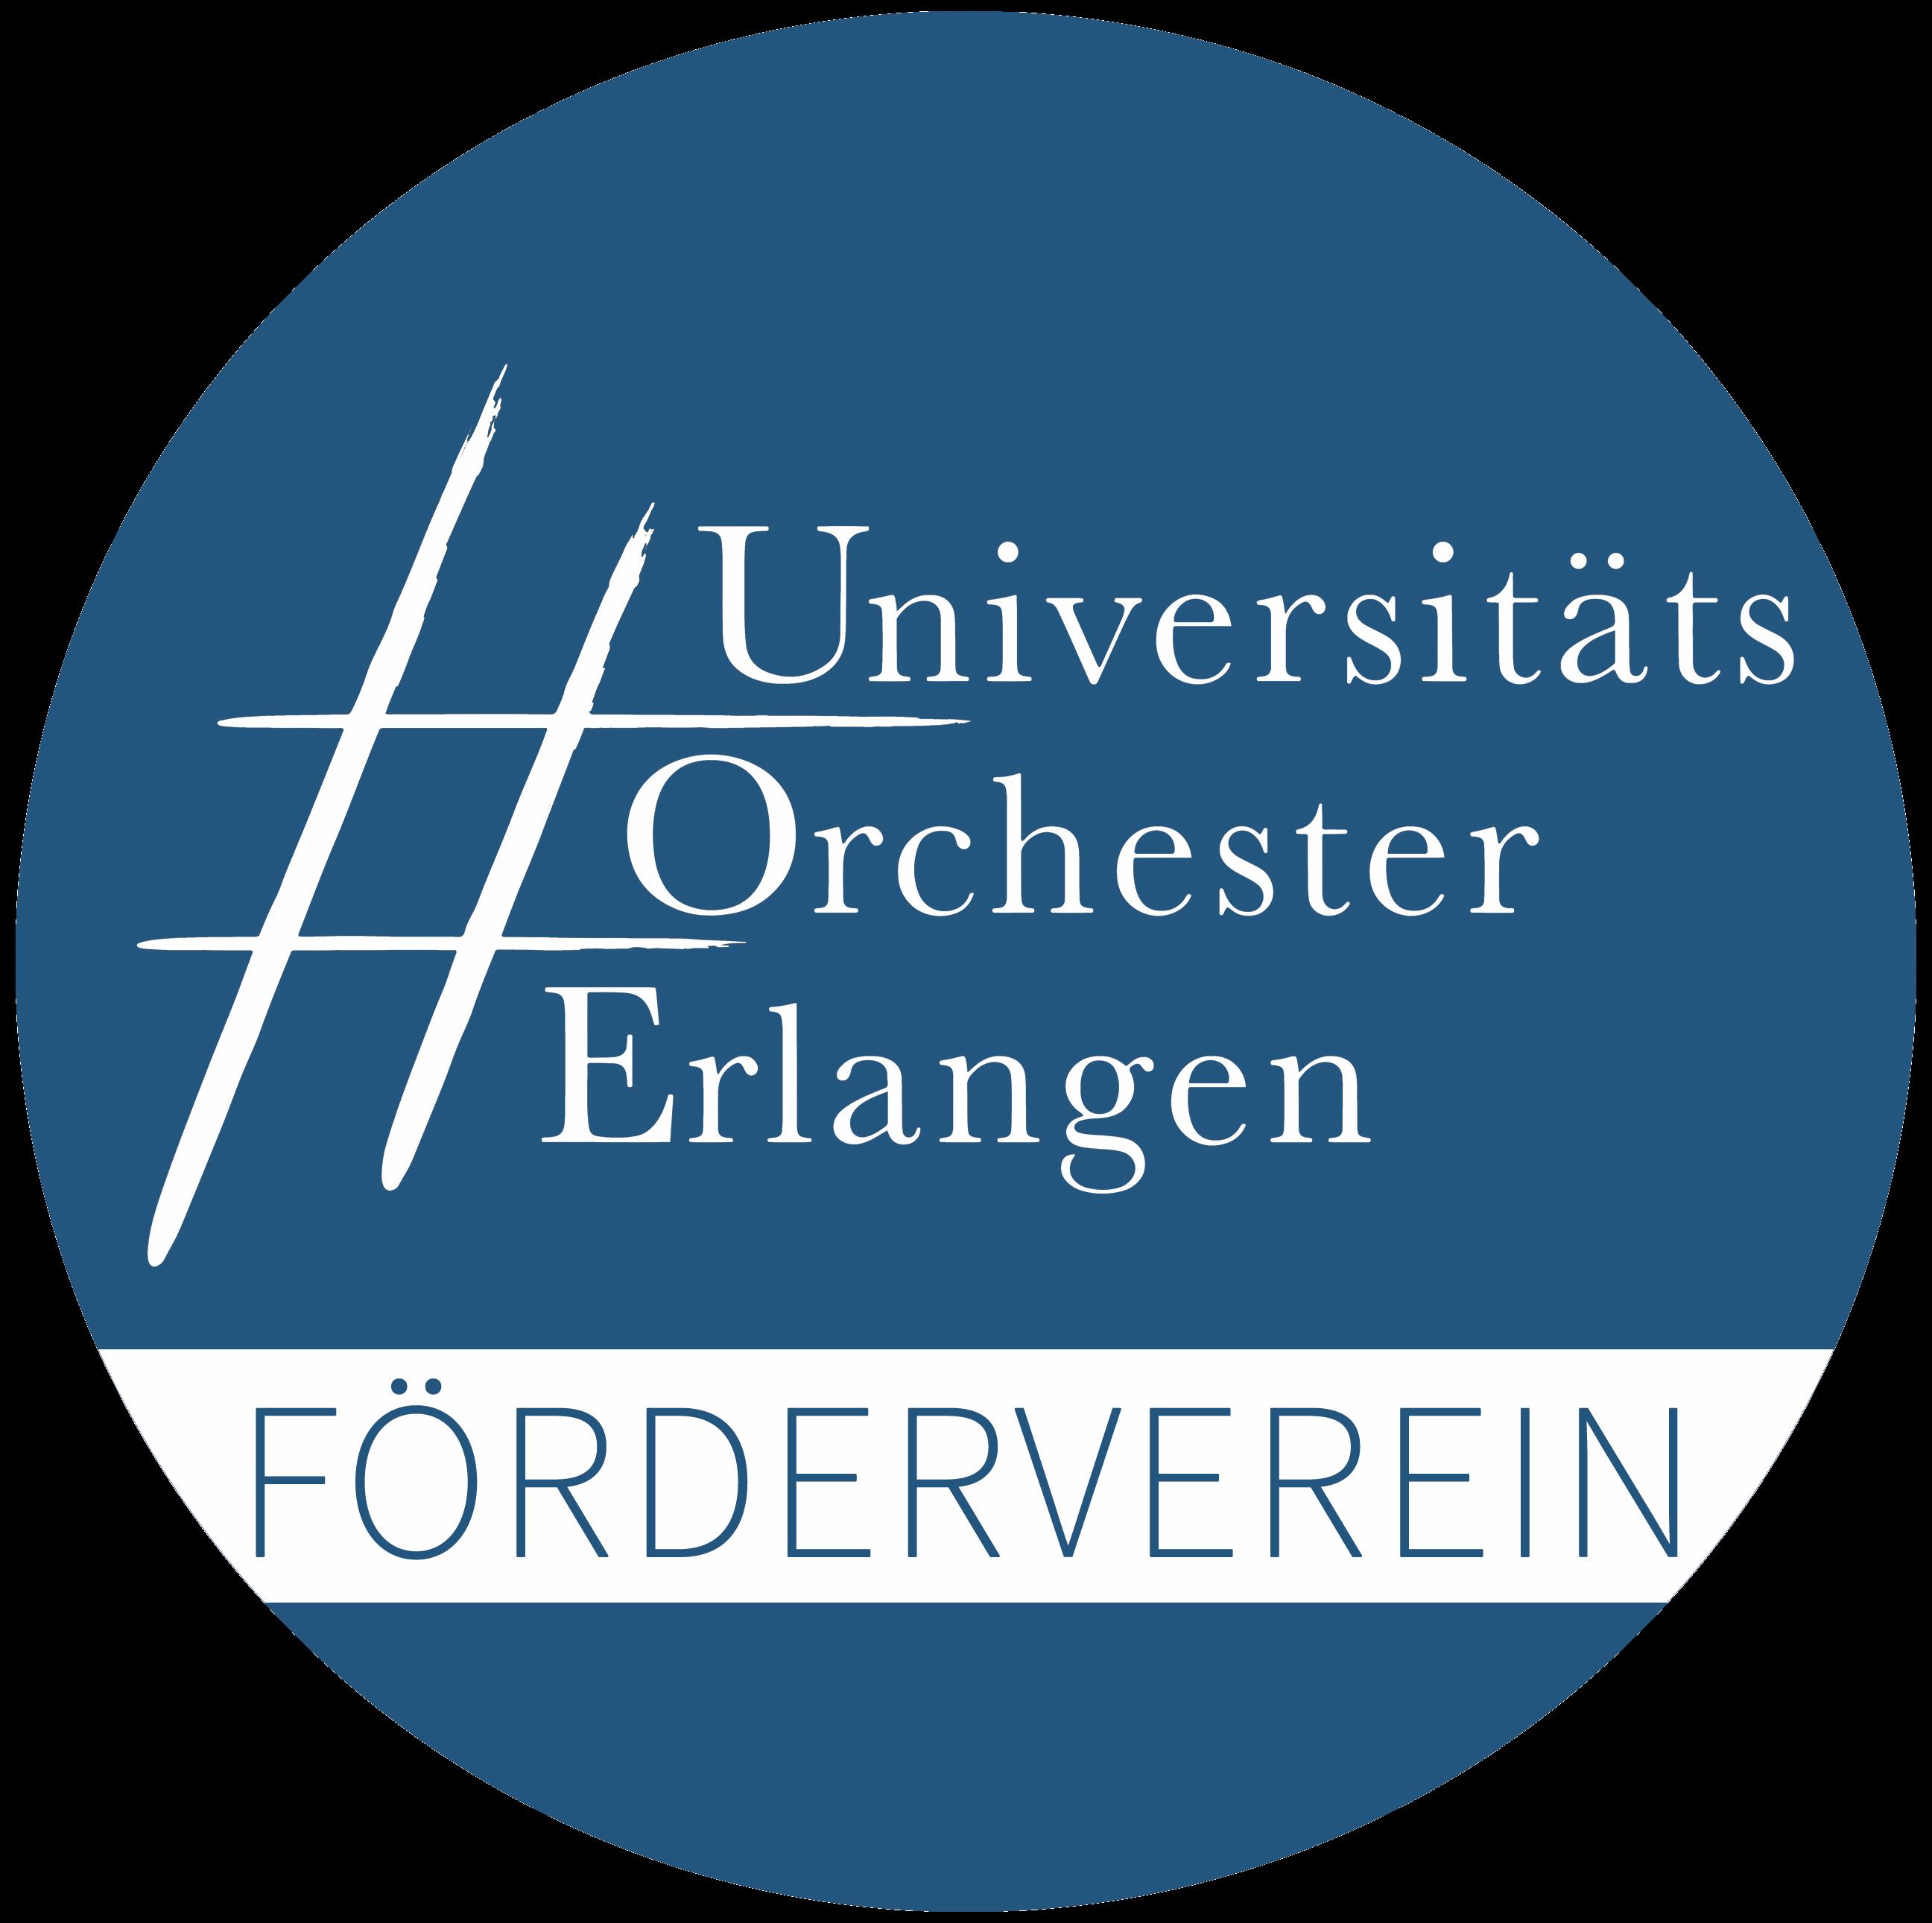 Verein zur Förderung des Universitätsorchesters Erlangen